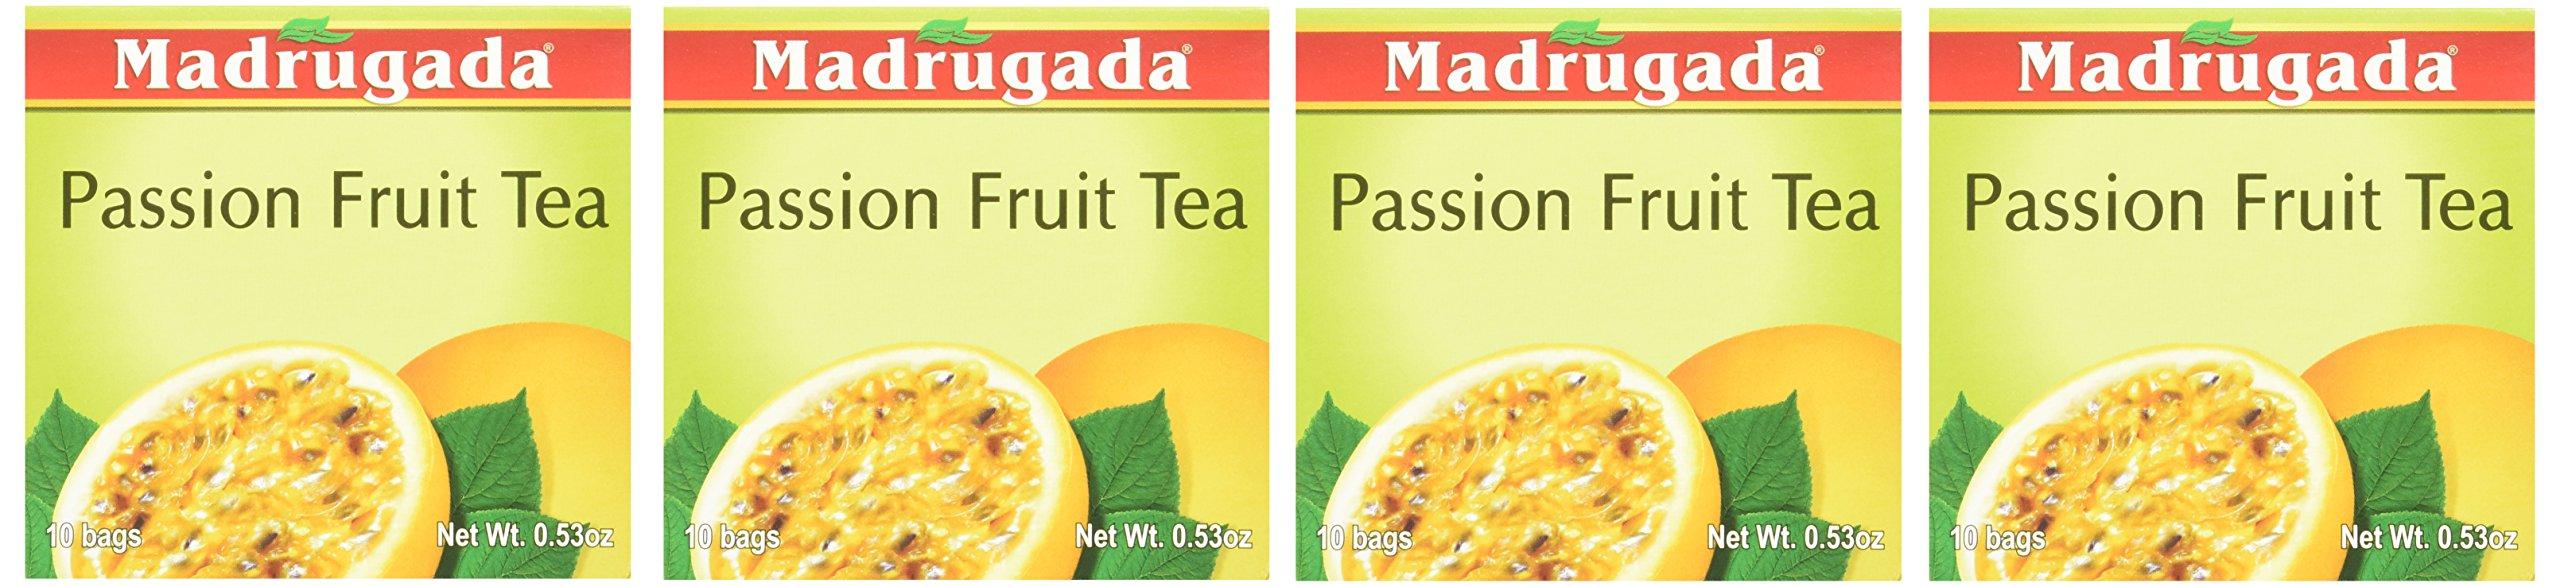 Passion Fruit Tea 10 tea bags - Chá de Maracujá 10 sachês - Madrugada - 0.5oz (15g) GLUTEN FREE - (PACK OF 04) by Madrugada (Image #2)